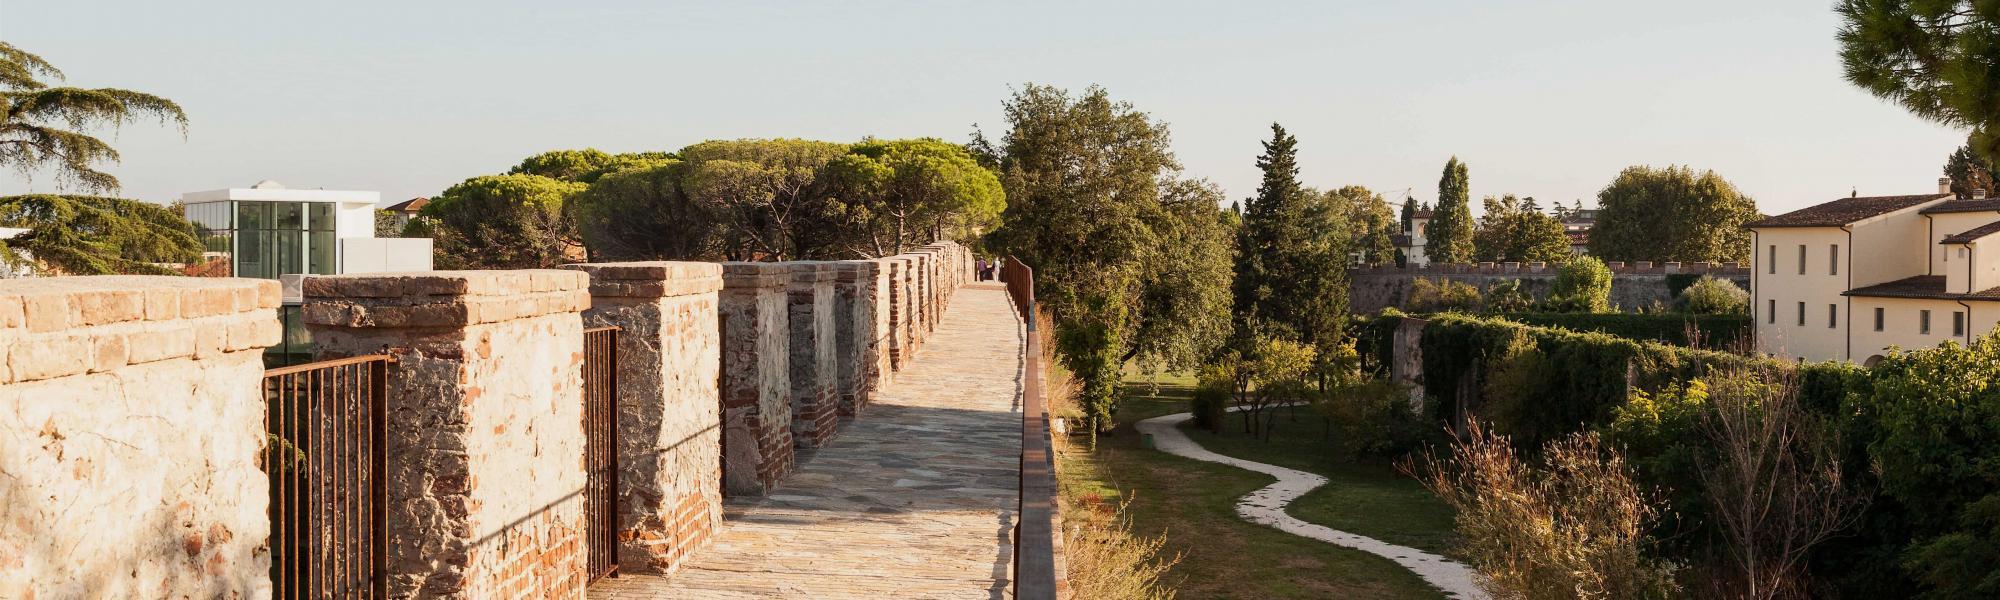 Mura Pisa